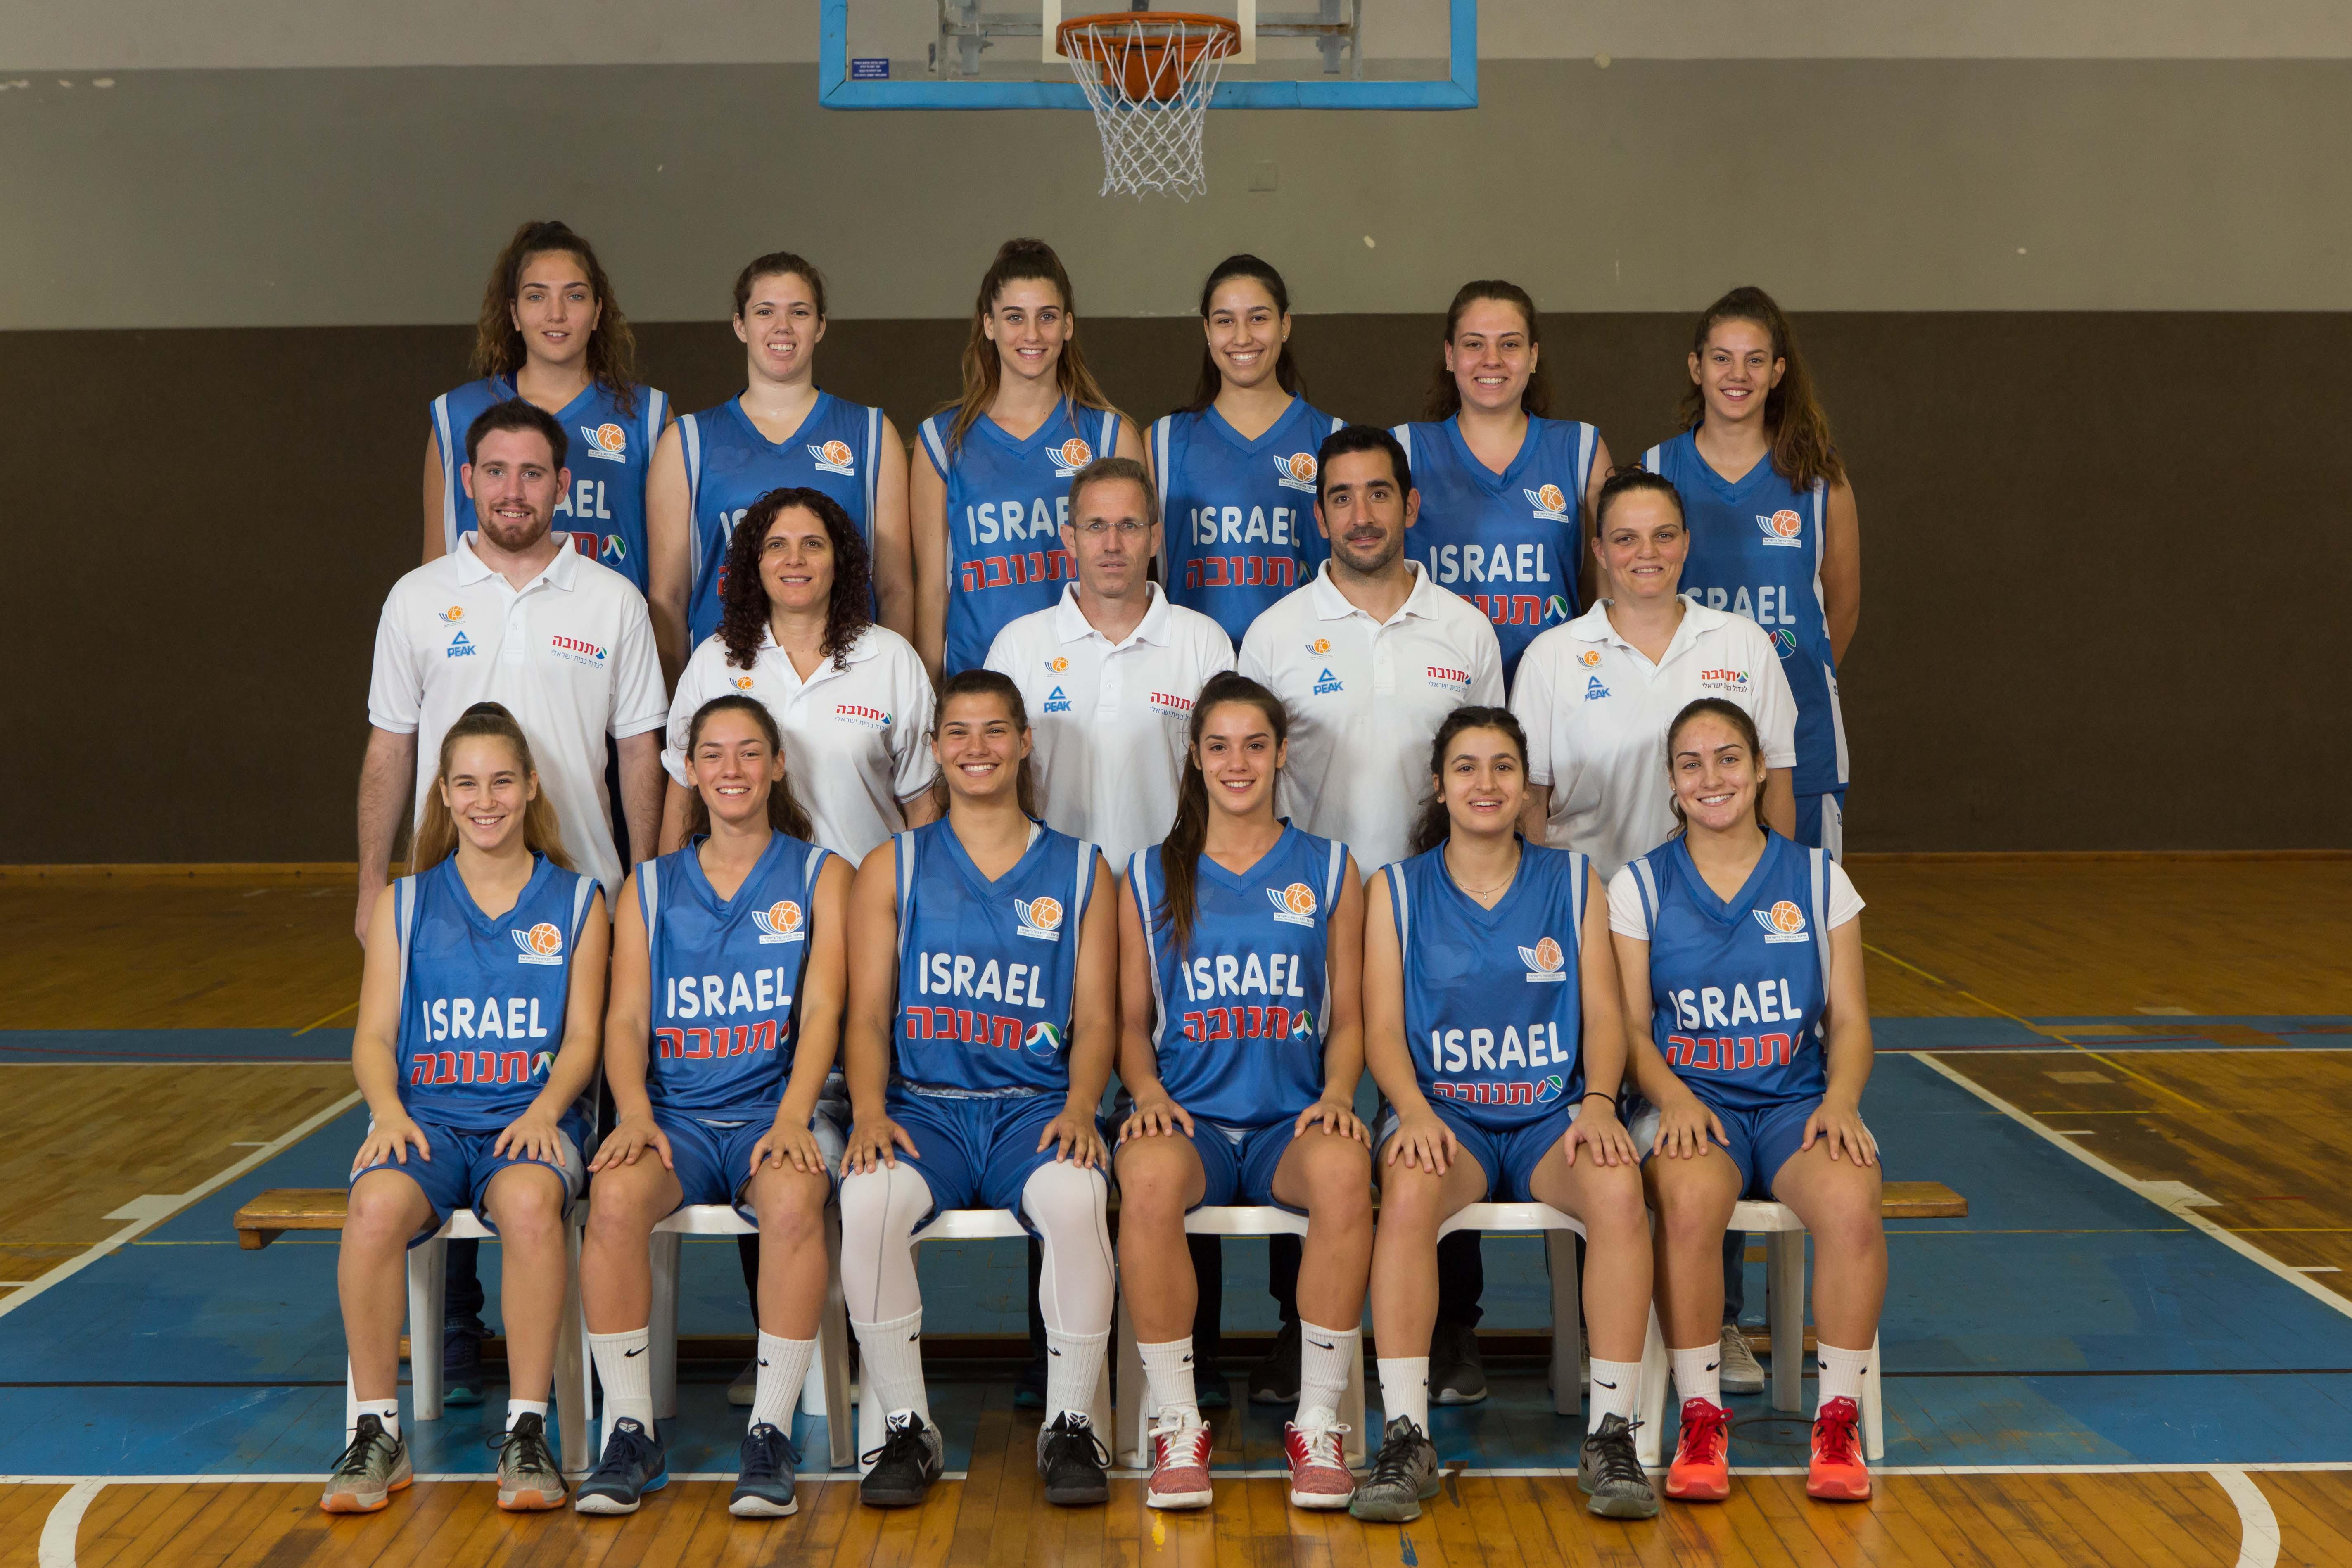 נבחרת הנערות יוצאת לאליפות אירופה דרג א' בהונגריה